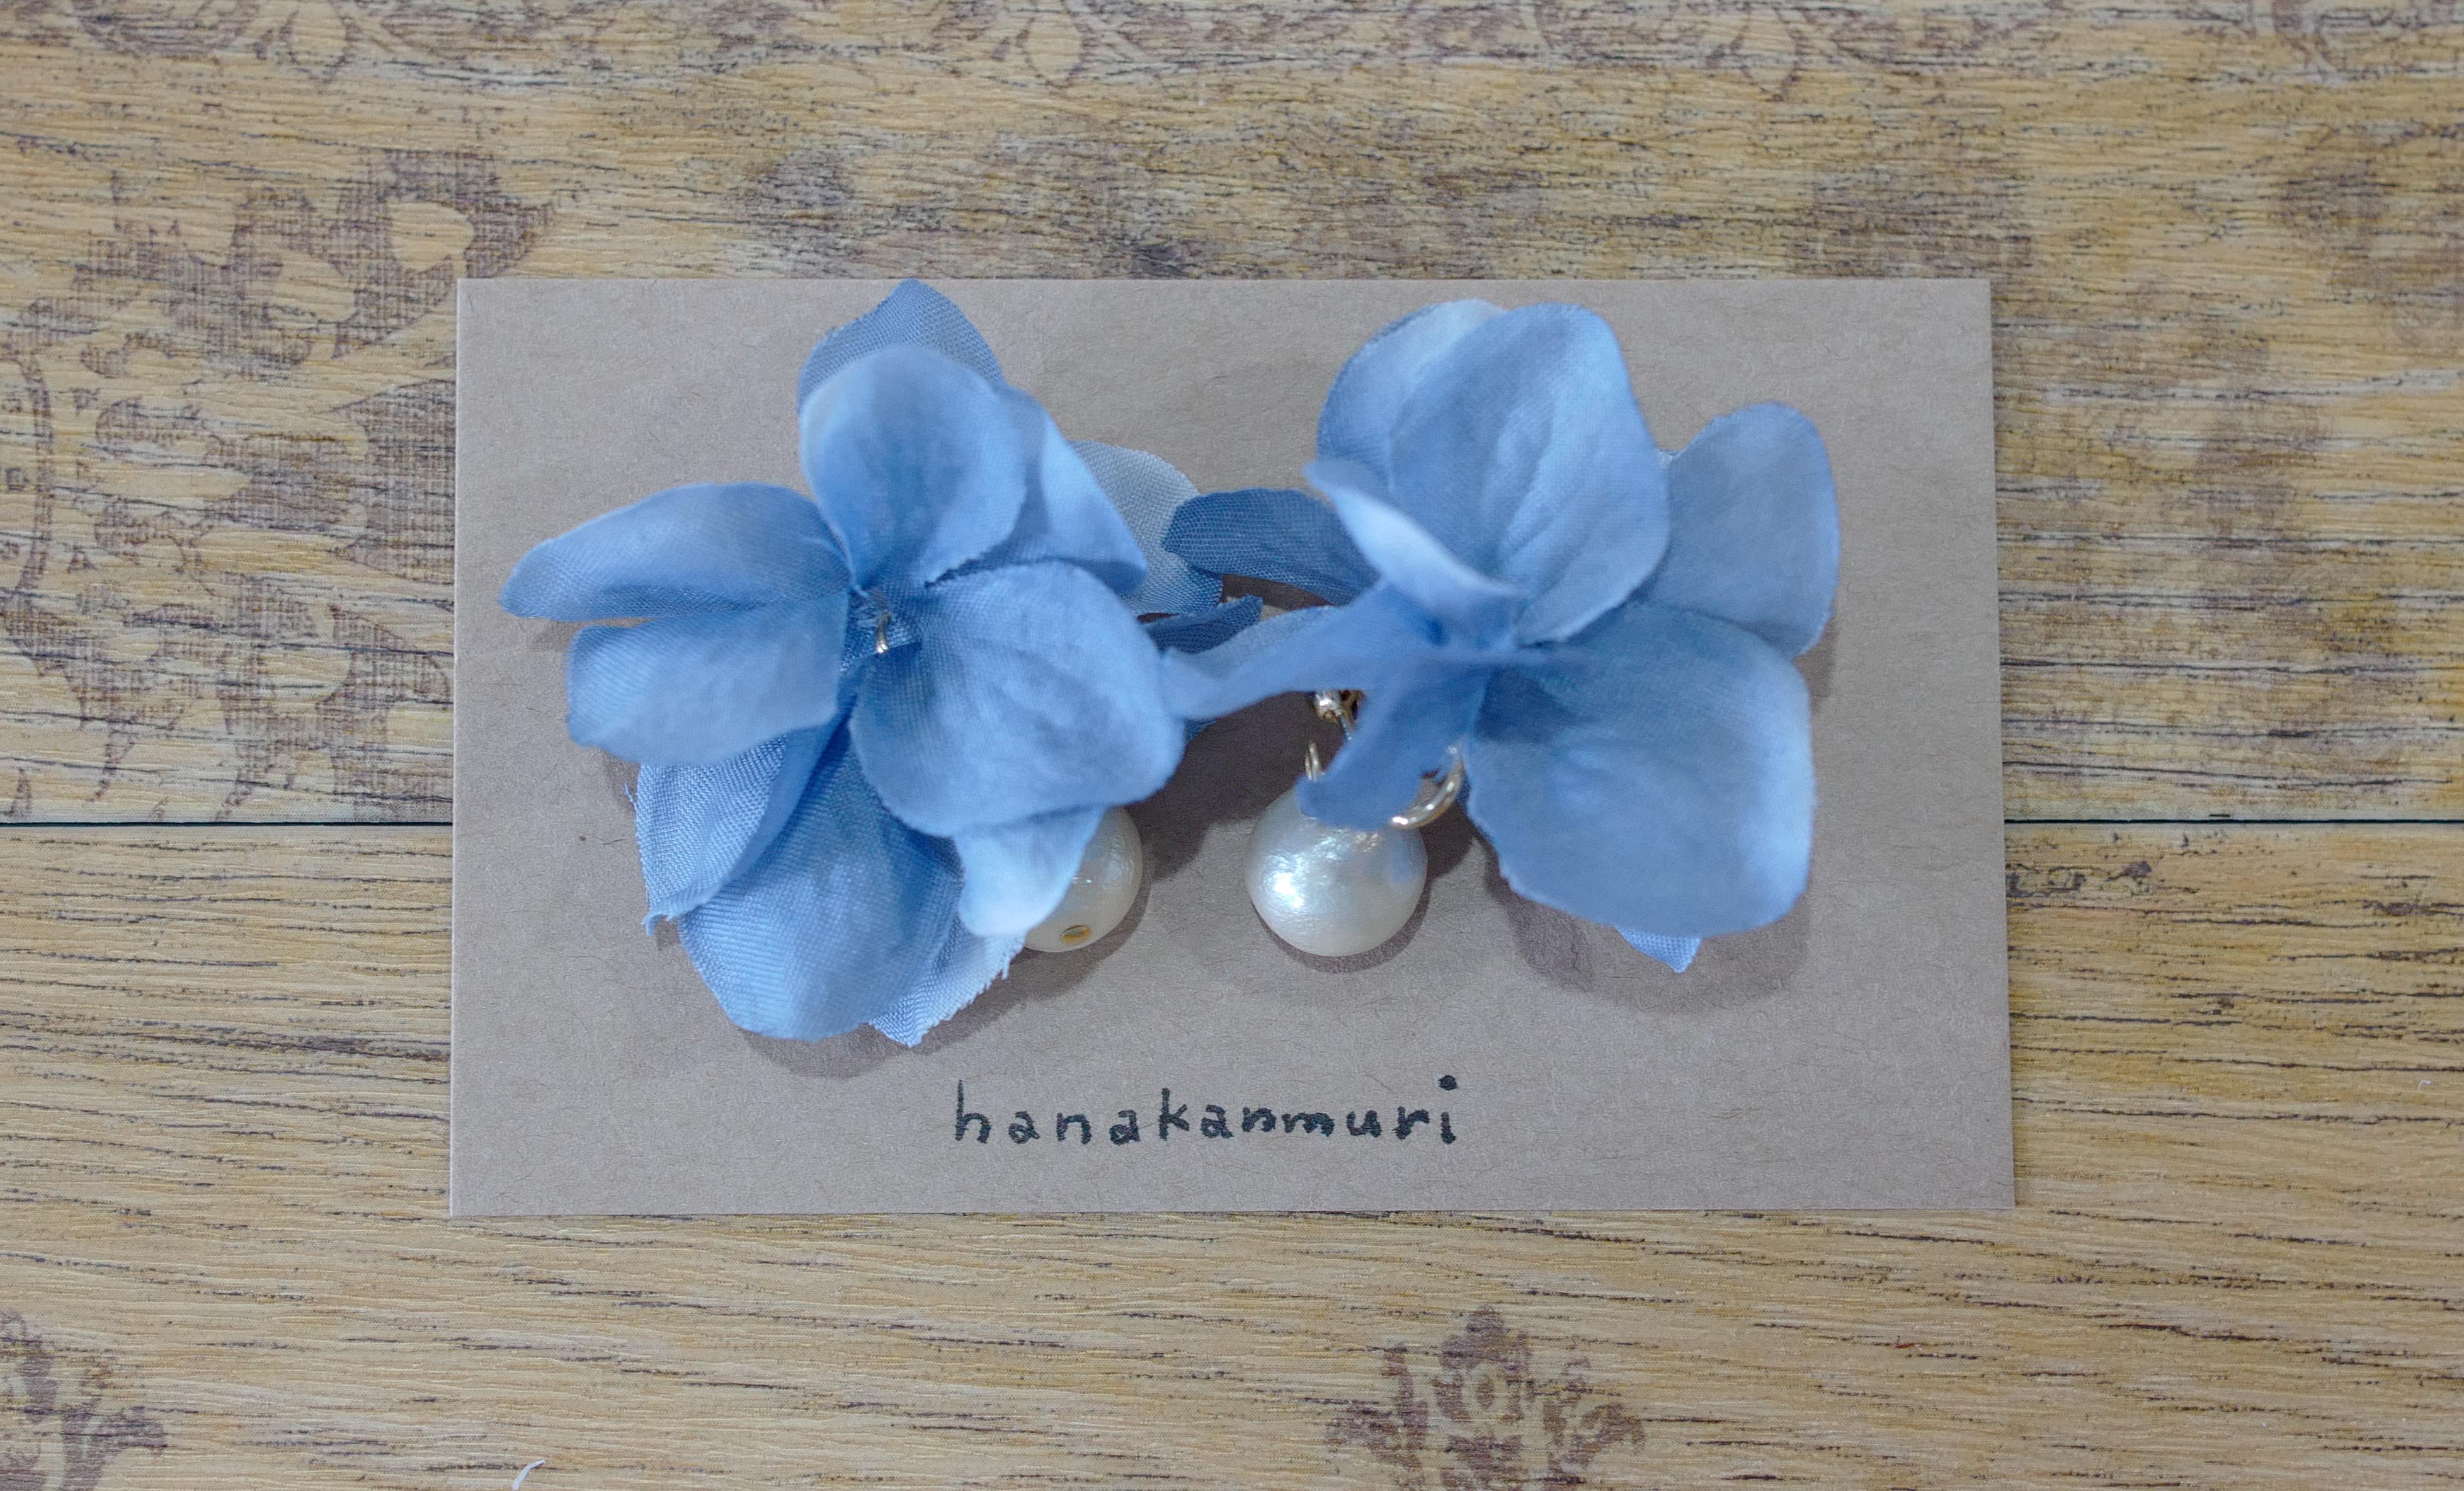 コットンパール花びらピアスのブルーアッシュ色、ライカのトリミング